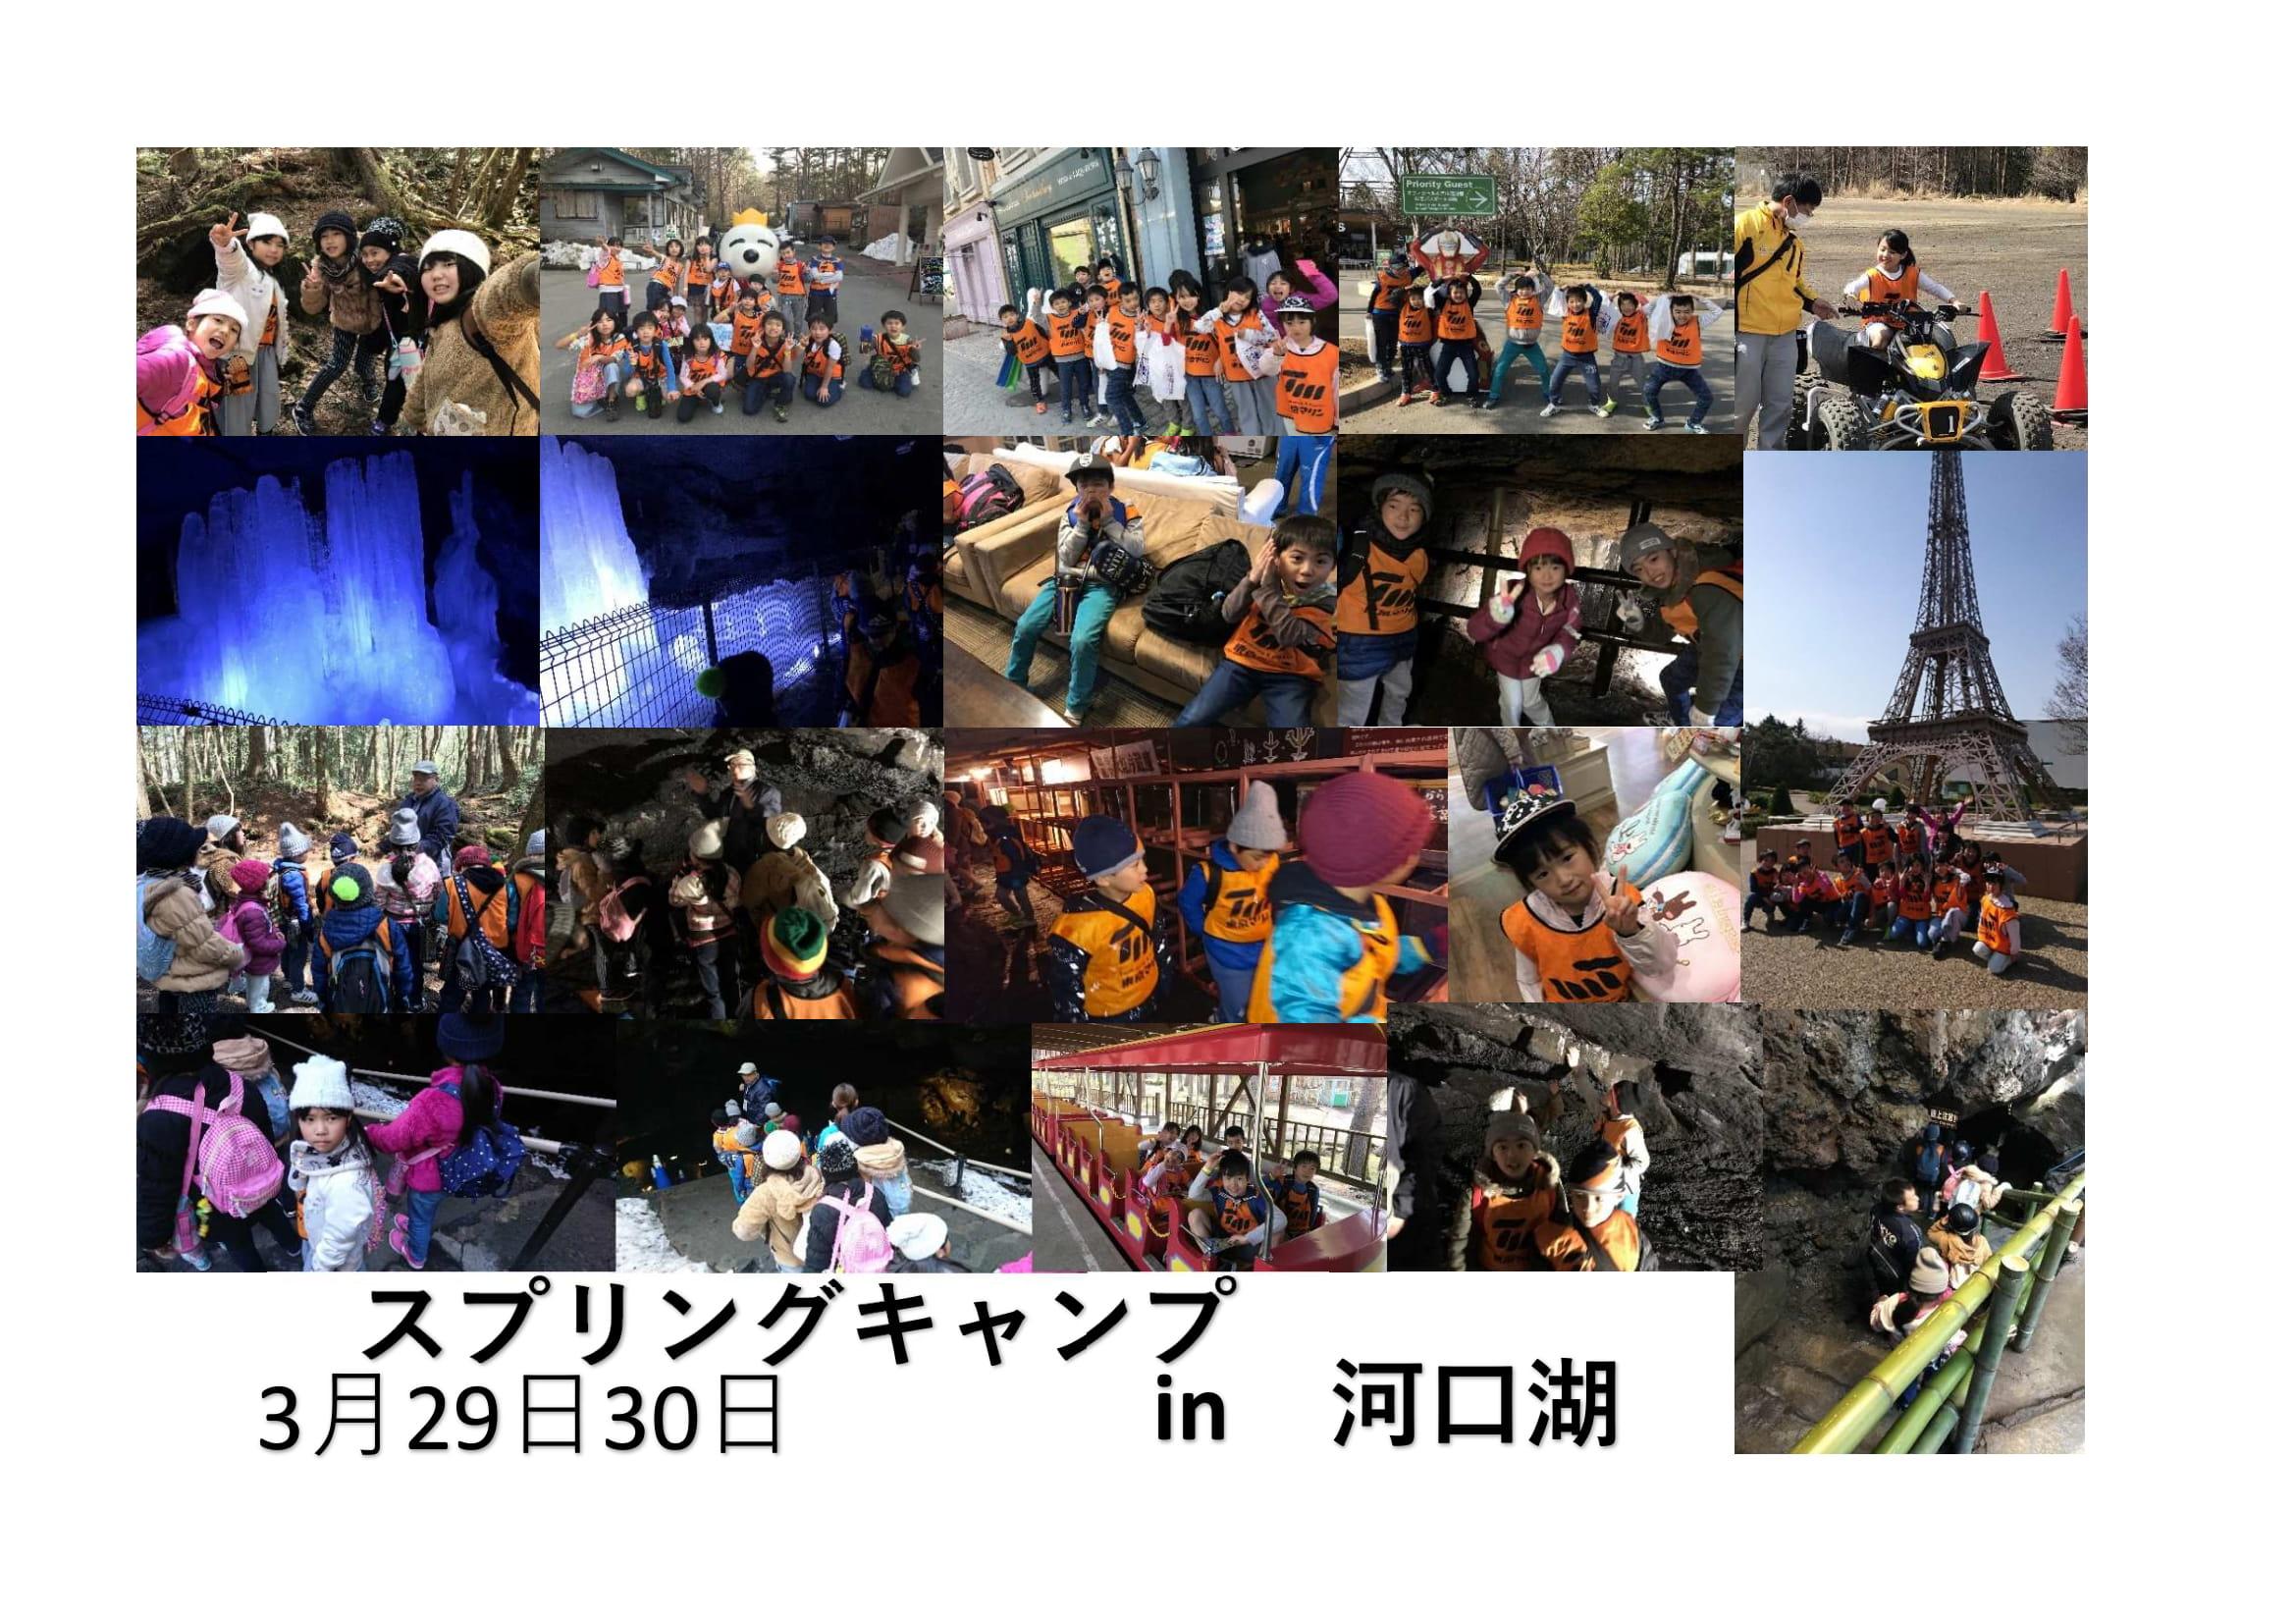 舎人スイミング 「2018年3月29日(木)~3月30日(金) スプリンキャンプ」に行きました。